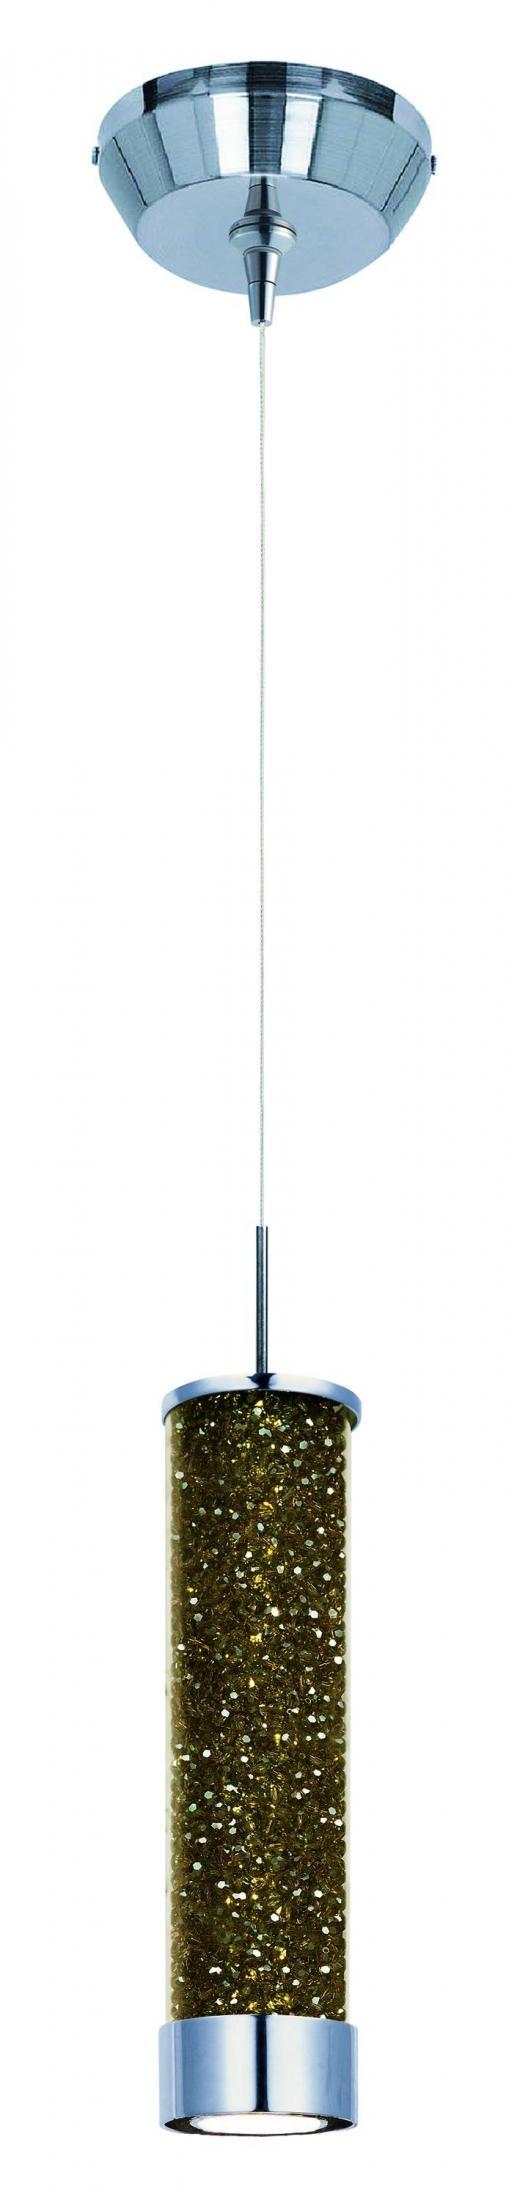 ET2 E94350-136PC Chroma 1-Light LED RapidJack Pendant and Canopy